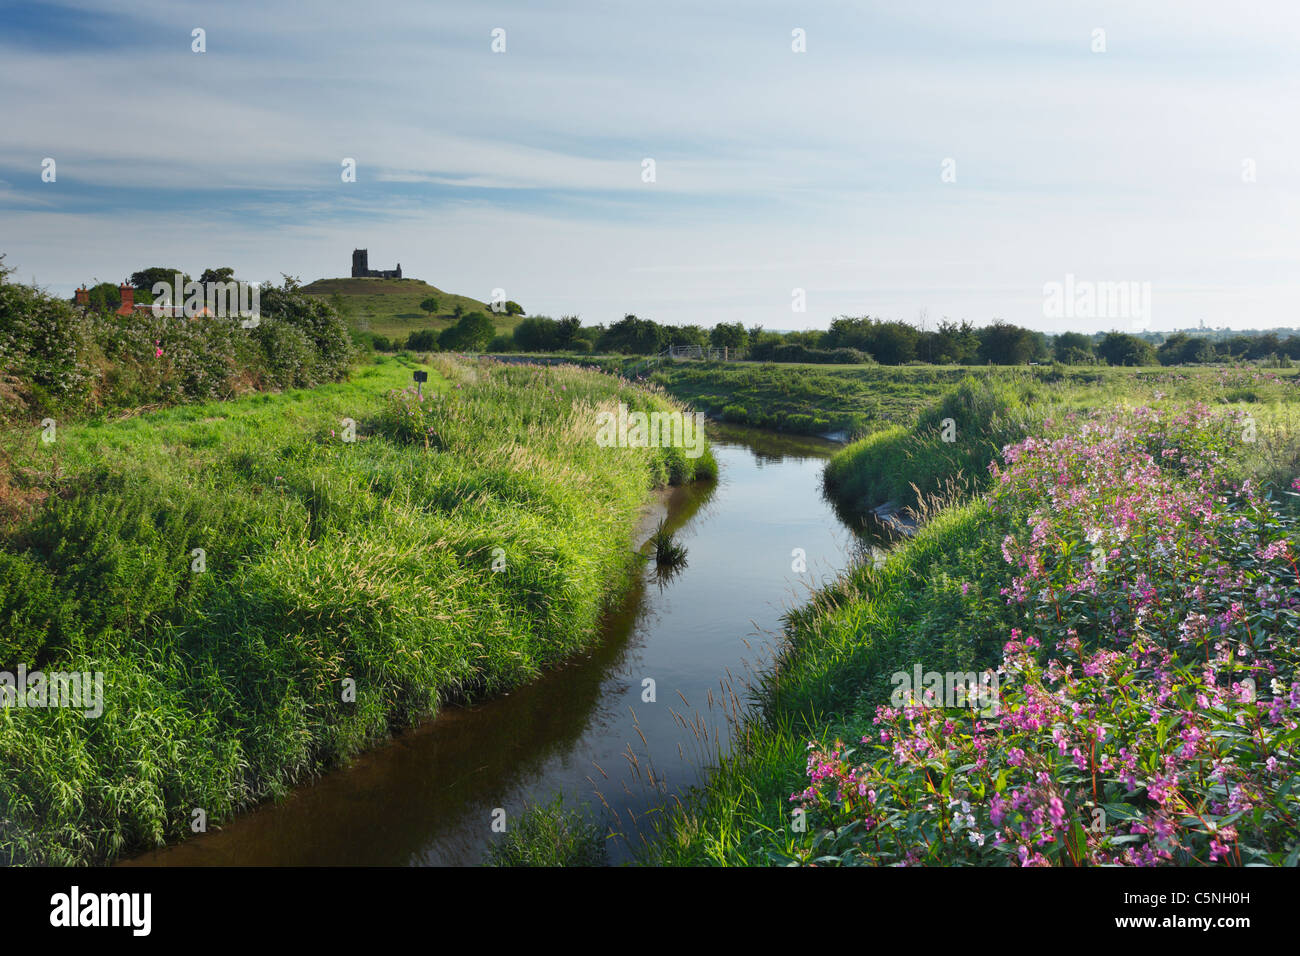 Tono di fiume che unisce il fiume Parrett nuovi membri con Burrow Mump in distanza. Somerset. In Inghilterra. Regno Immagini Stock